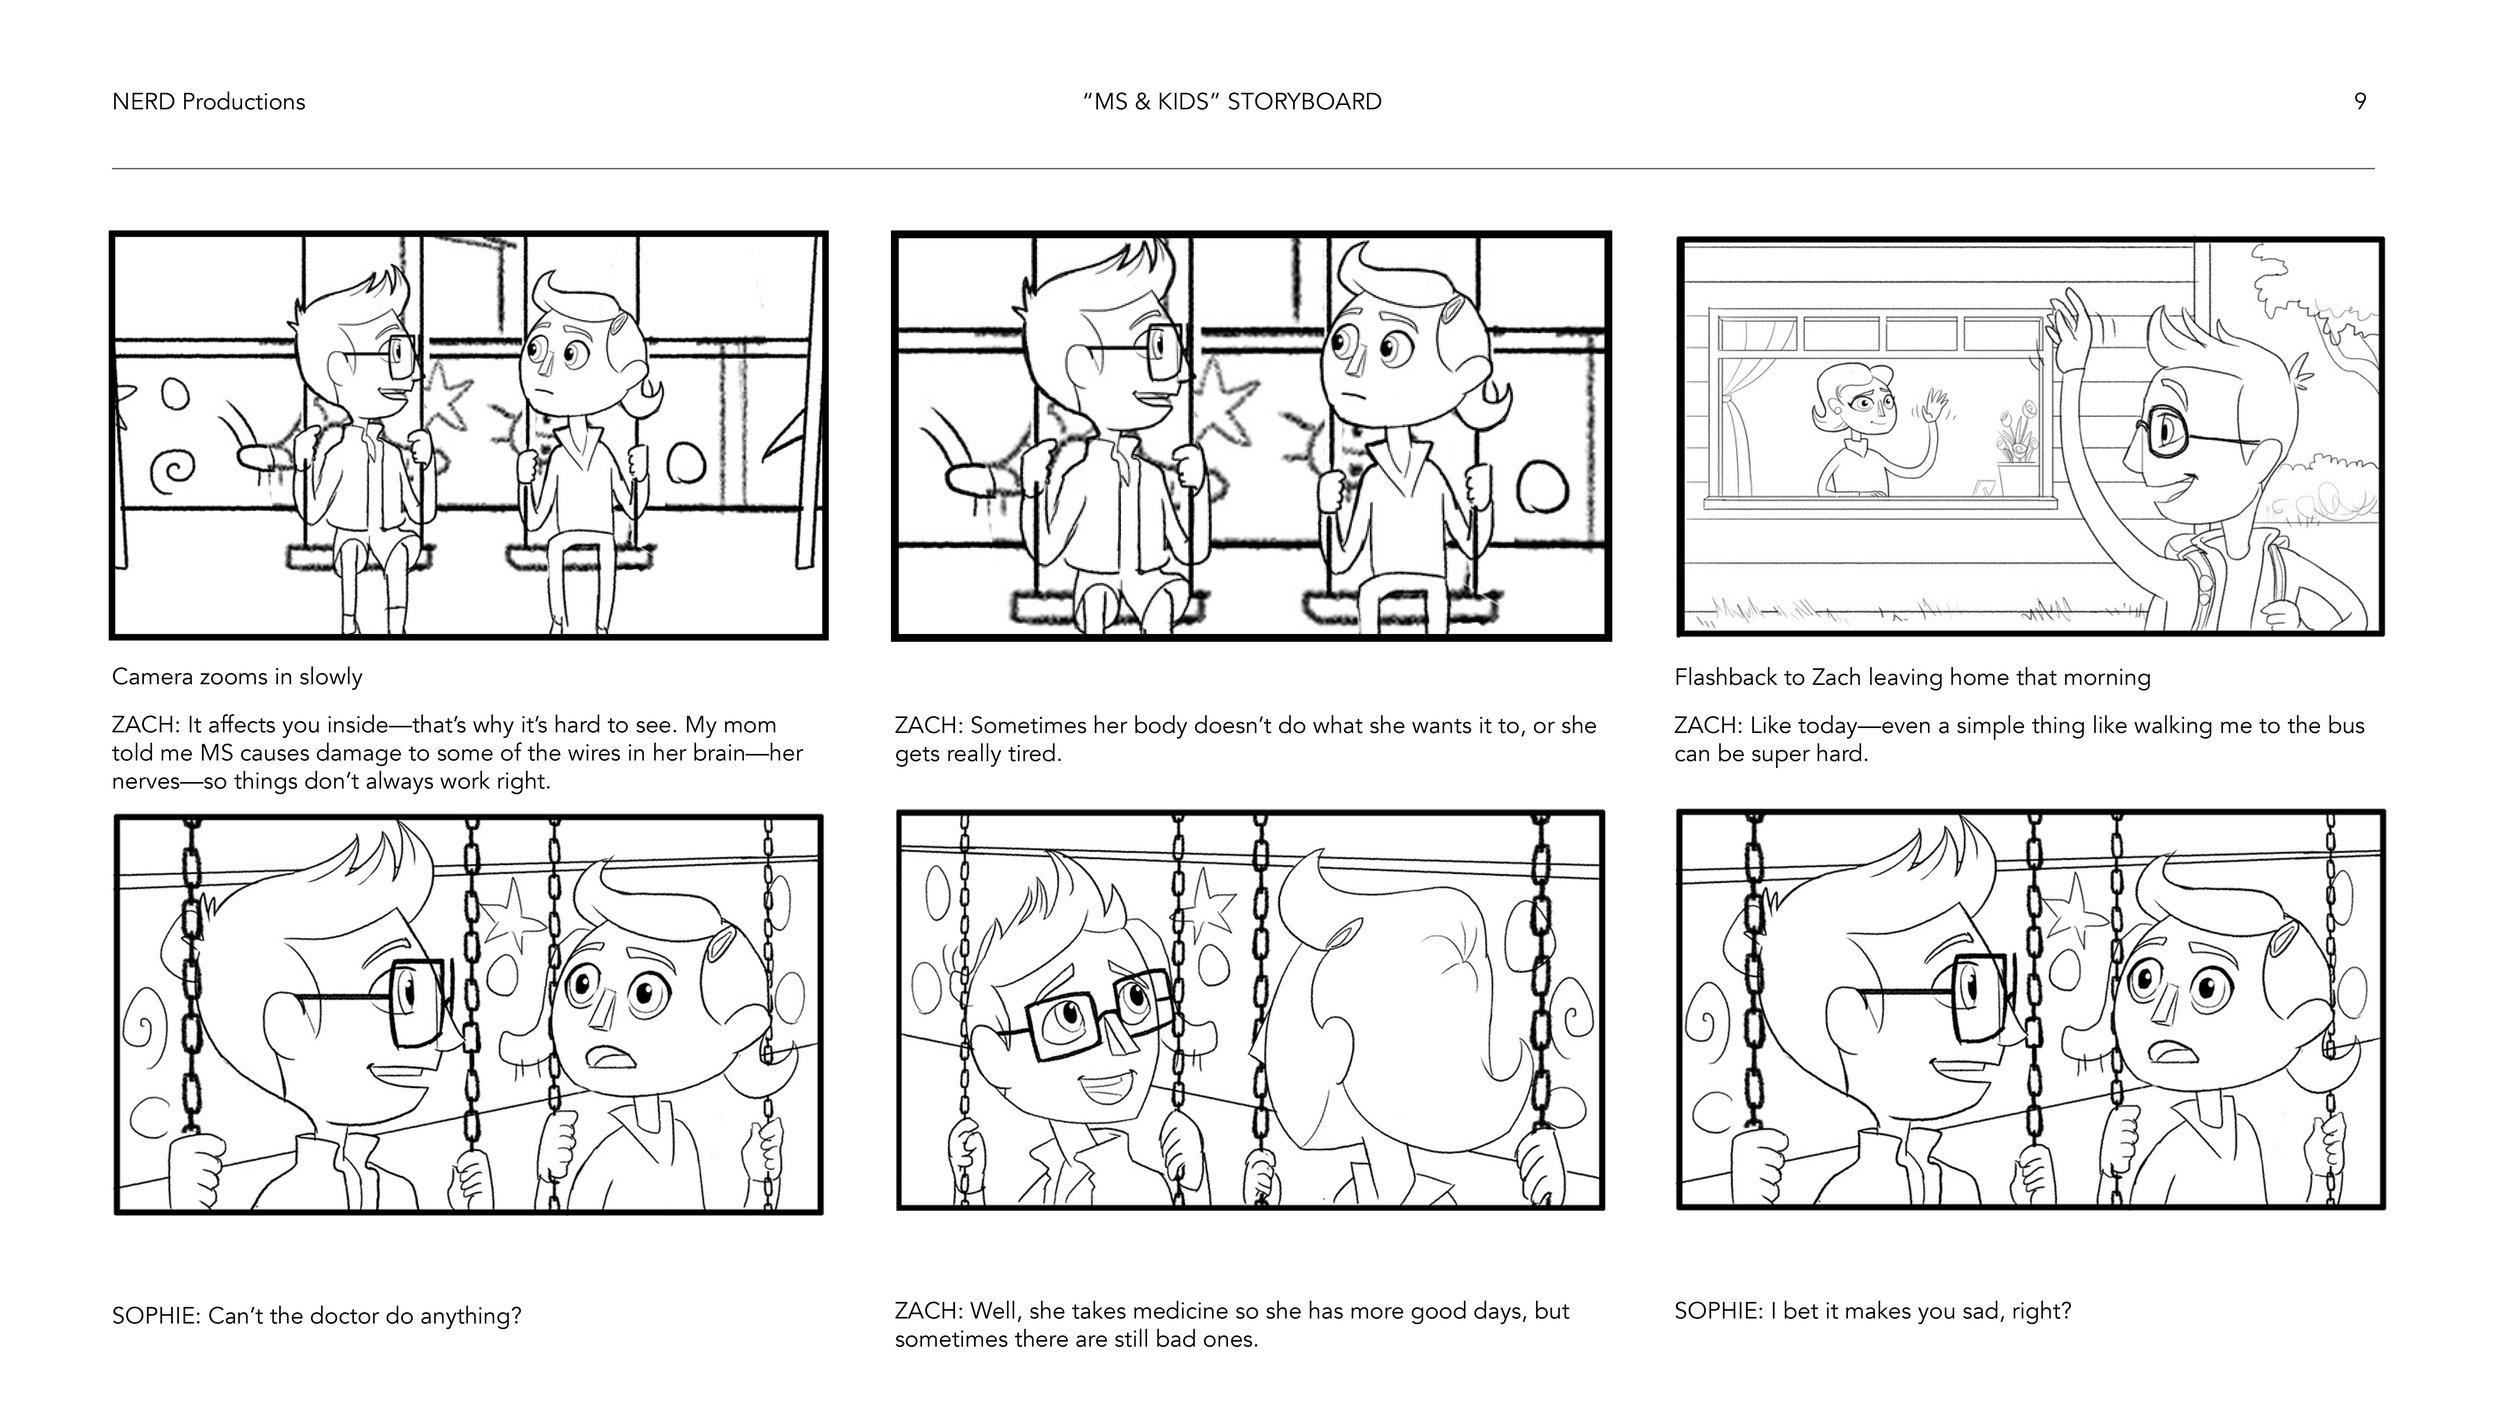 MS_KIDS_Storyboard-9.jpg